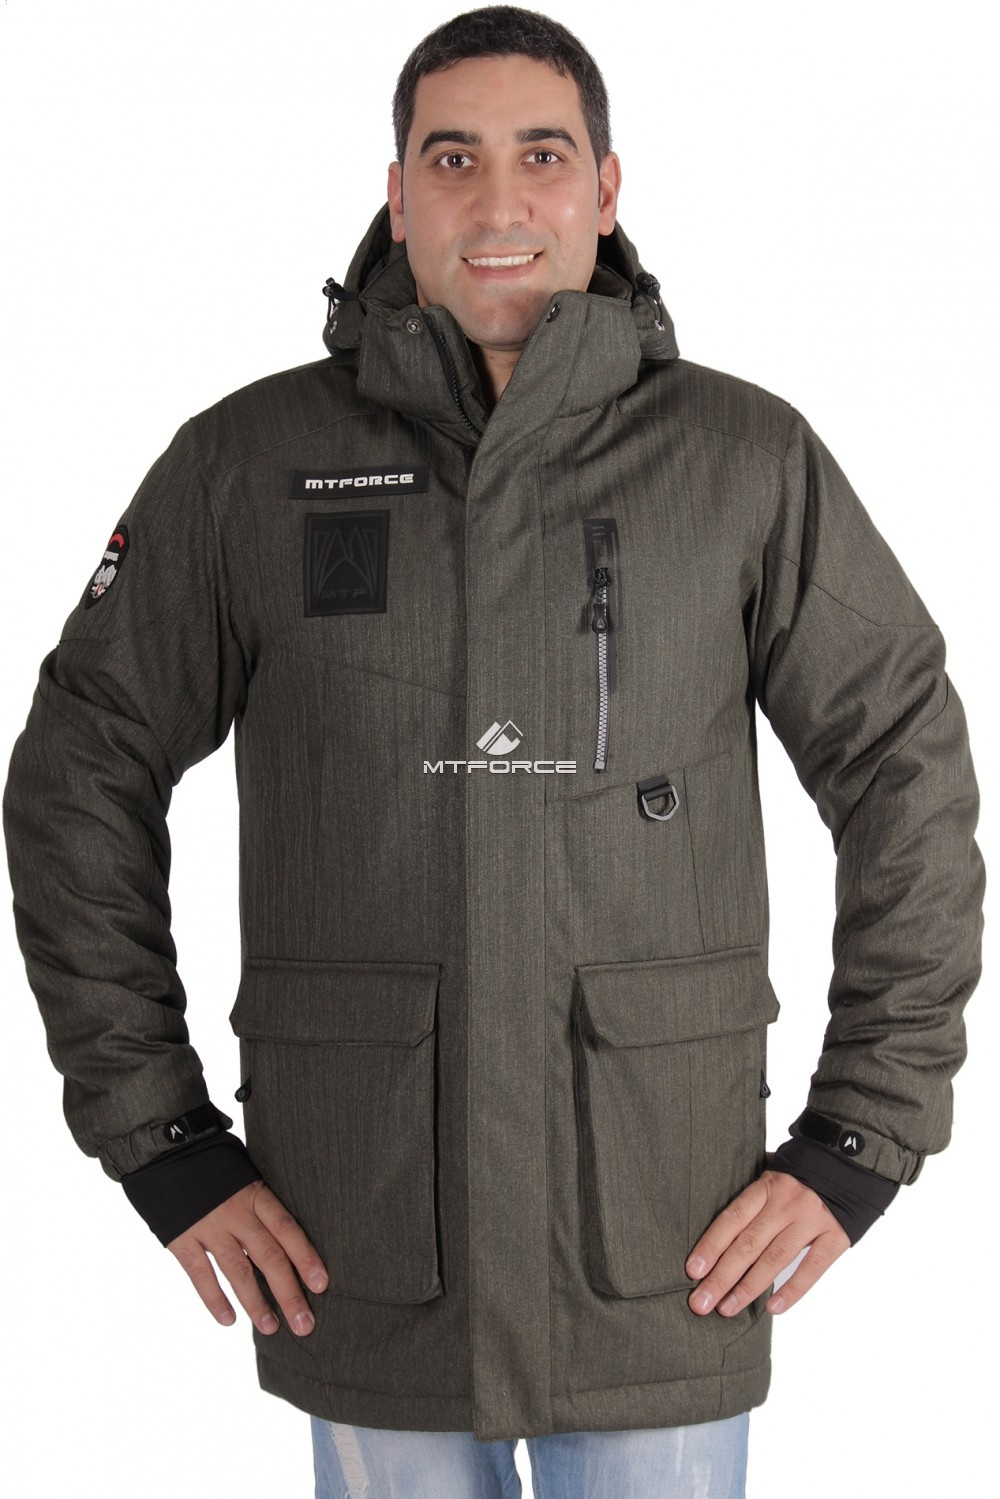 Купить                                  оптом Куртка зимняя удлиненная мужская цвета хаки 1639Kh